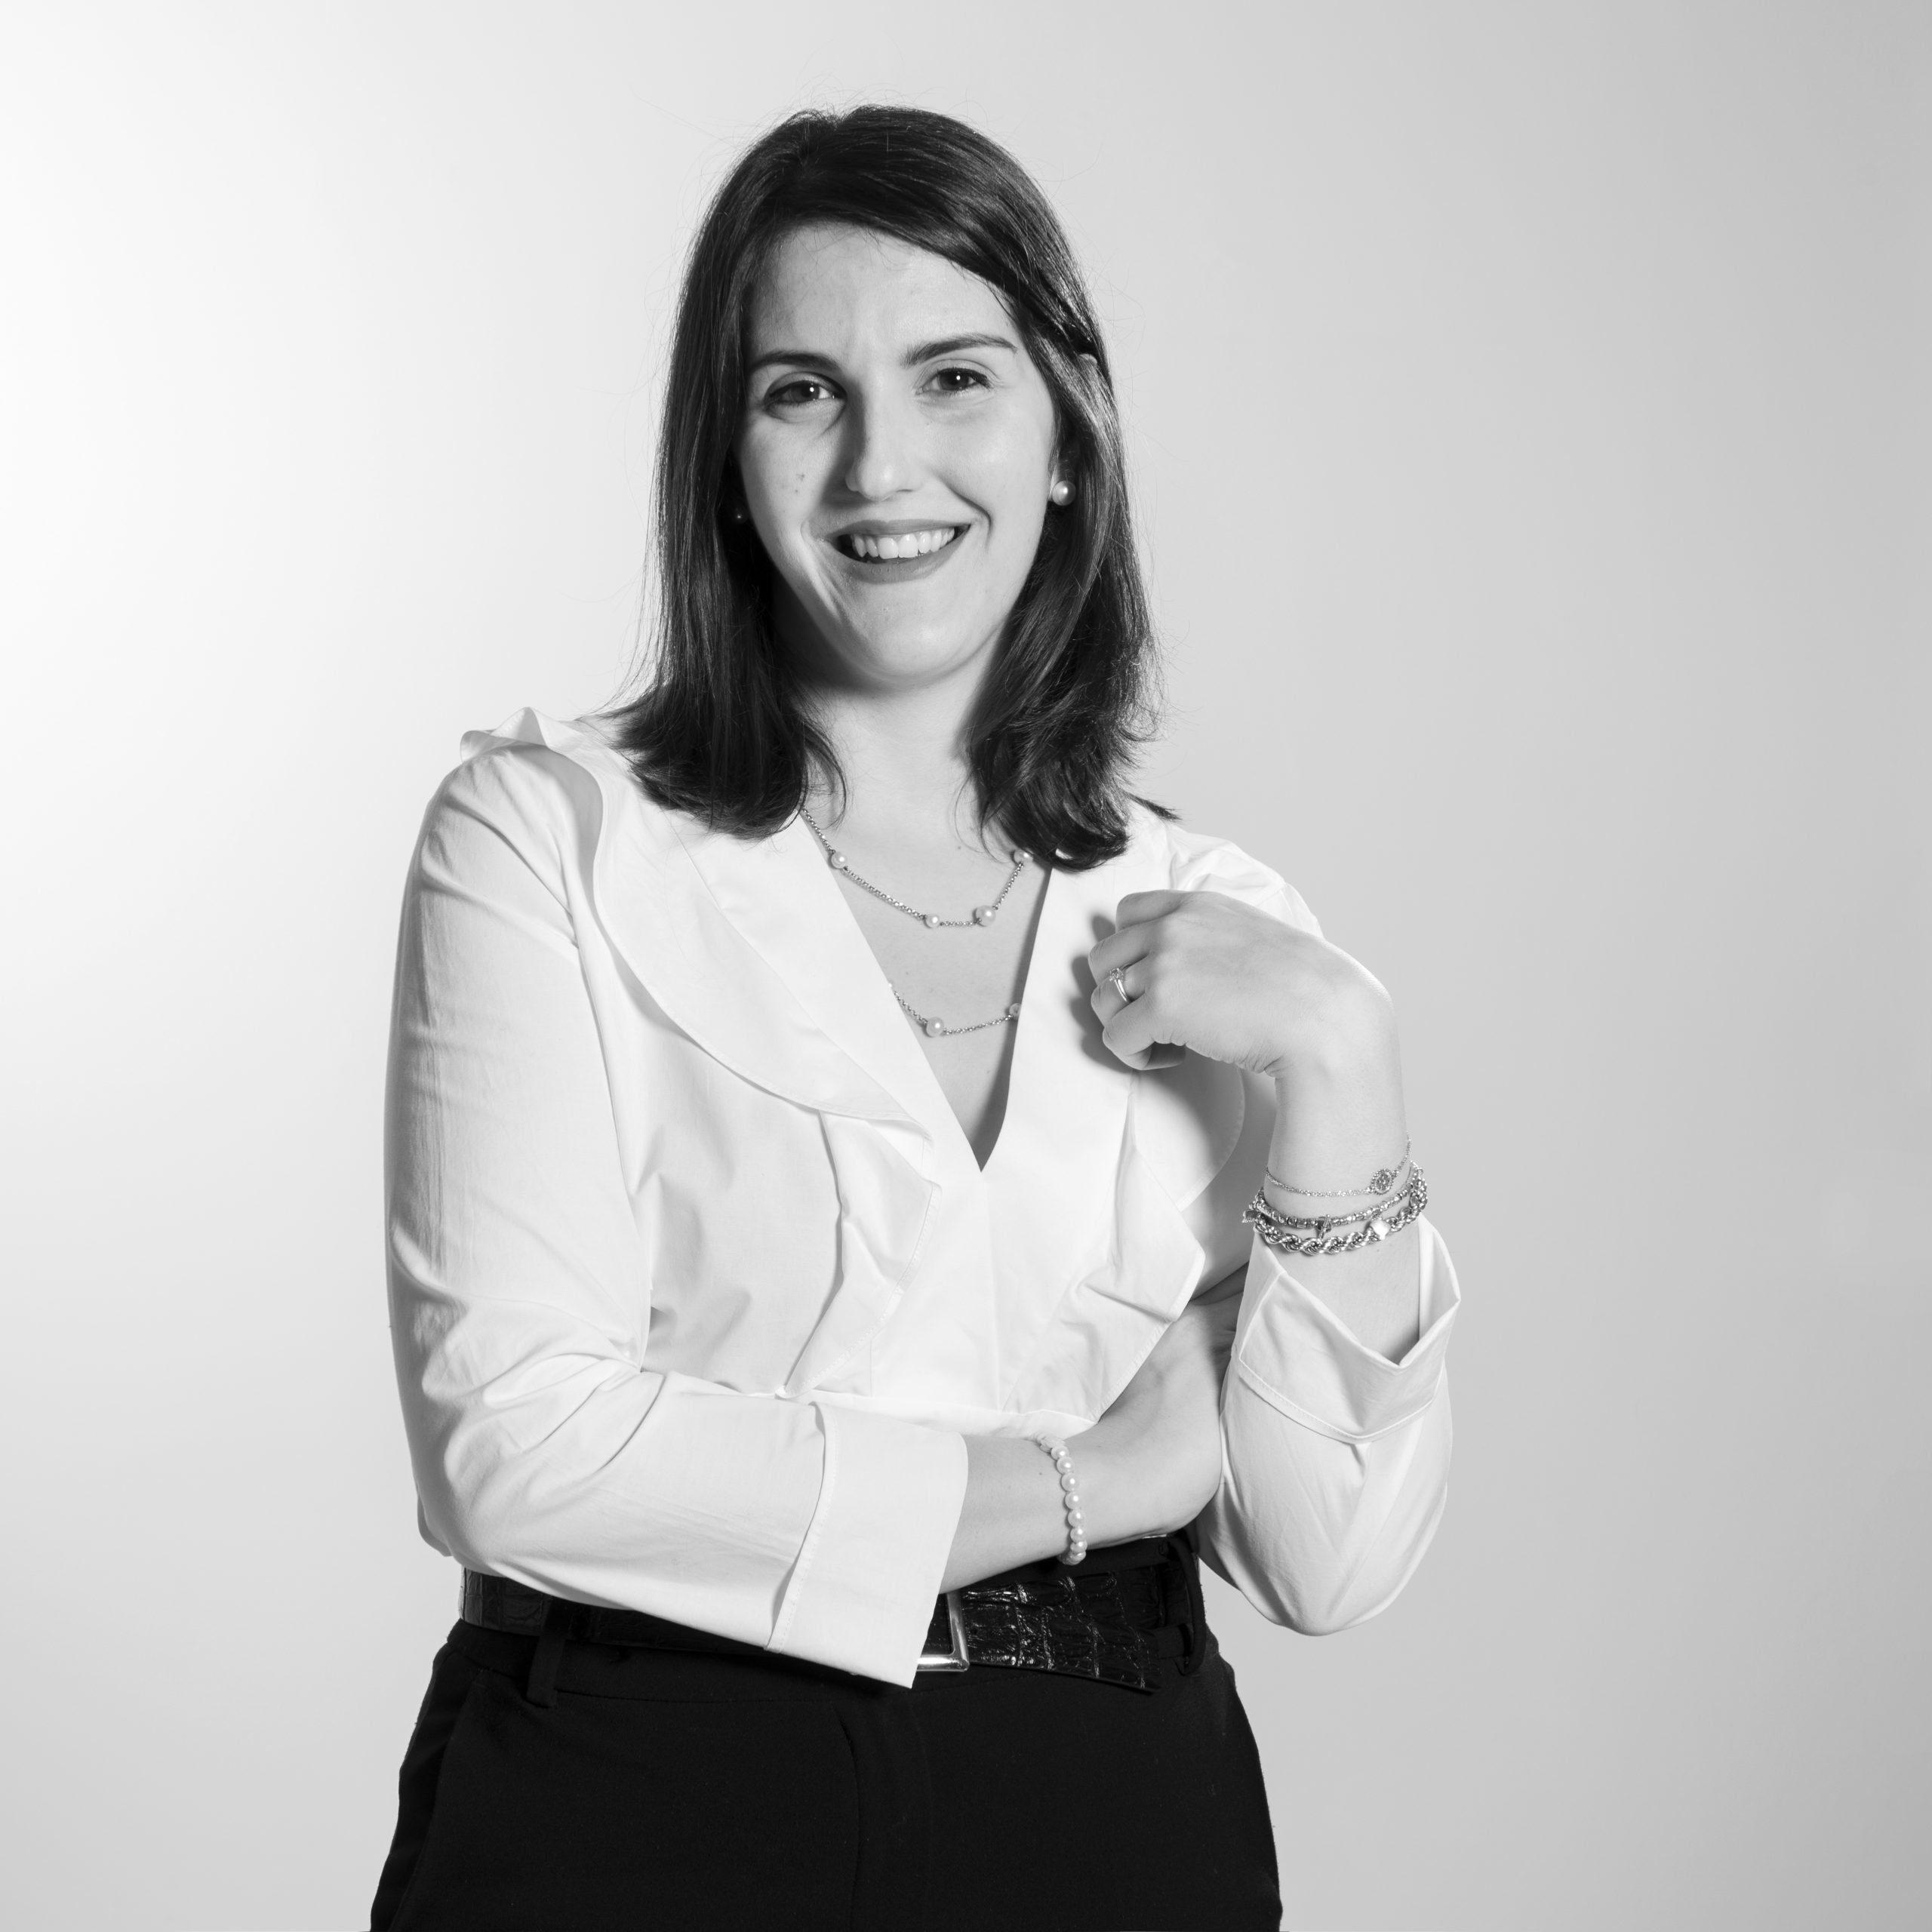 Livia Proleven